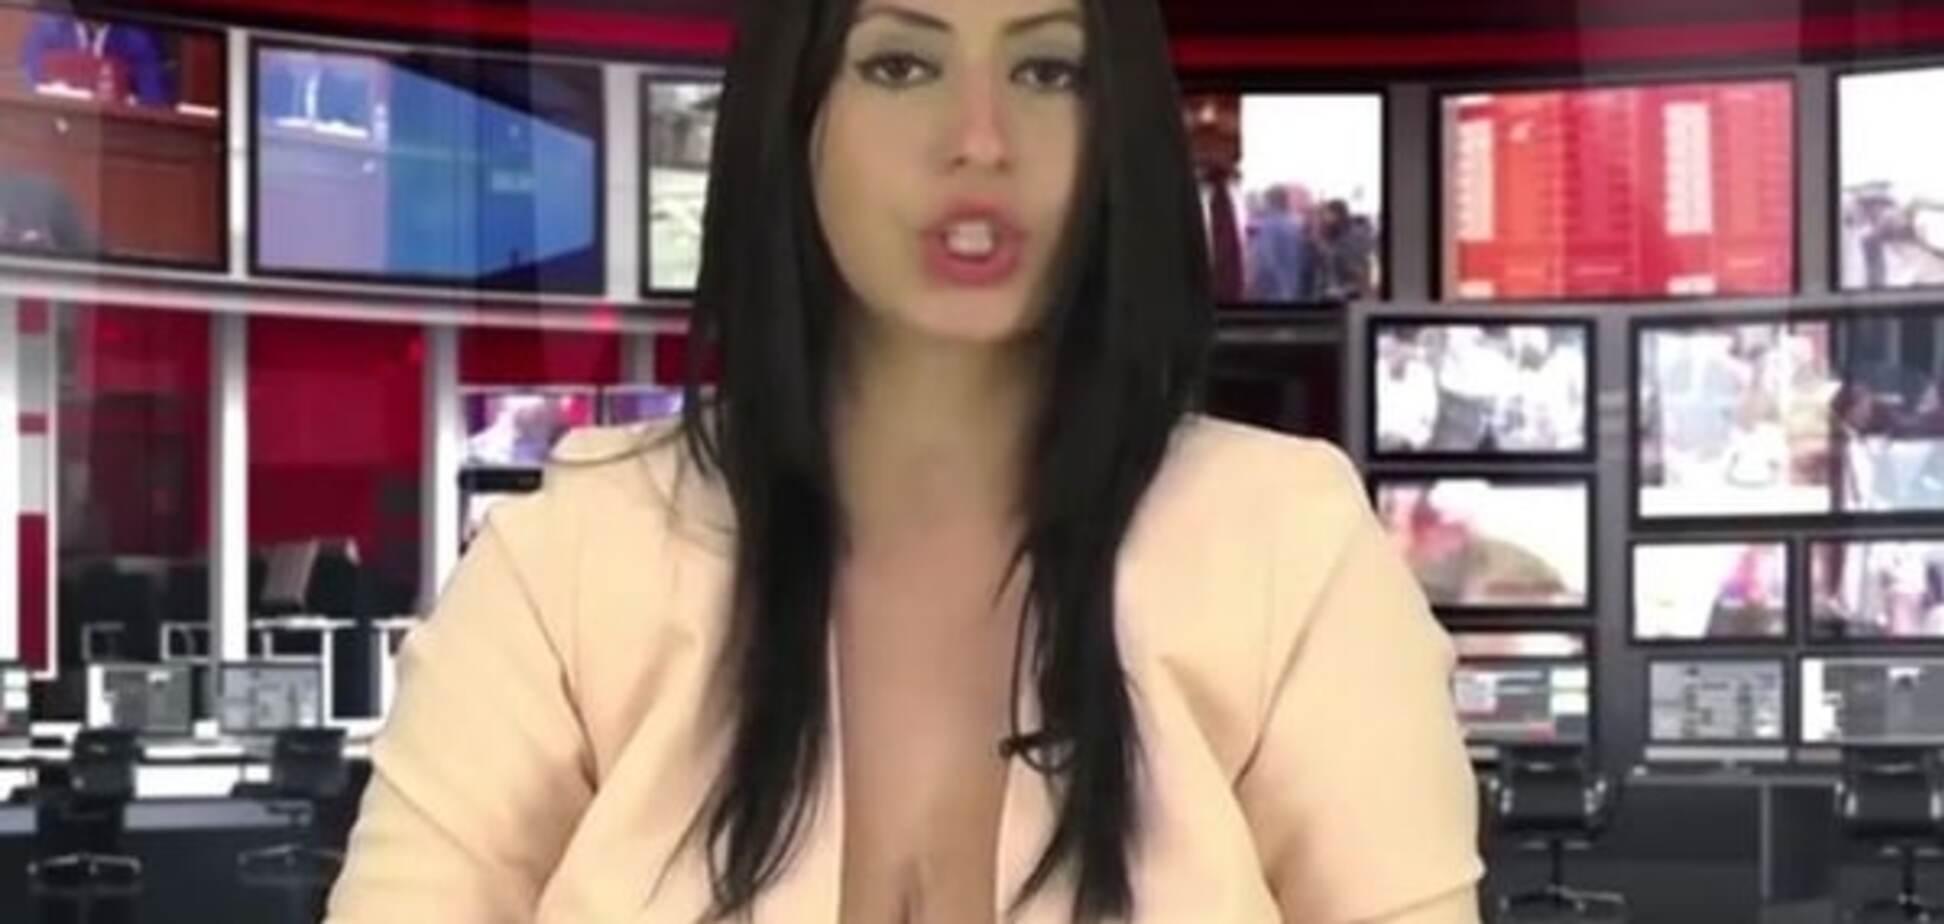 Девушка получила работу на ТВ благодаря пышной груди в расстегнутой блузке